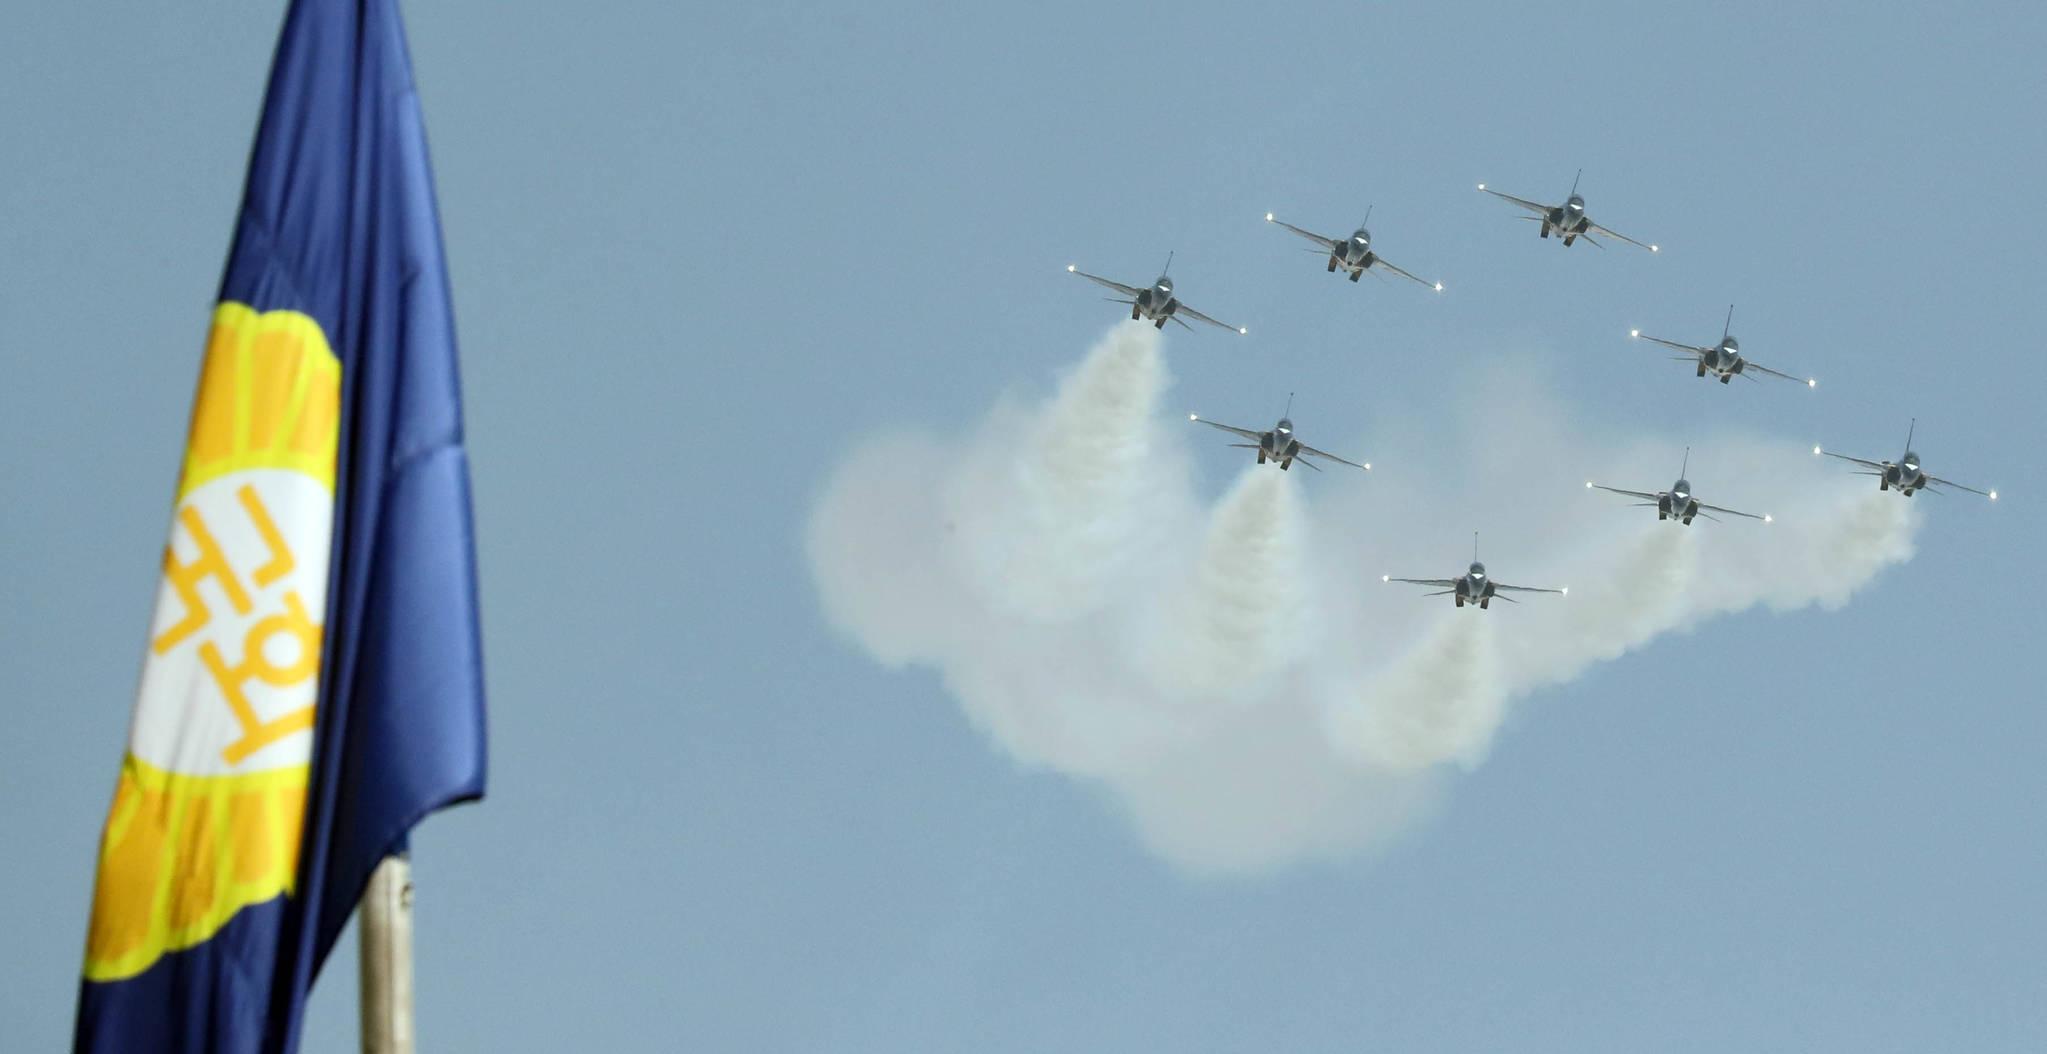 공군 블랙이글스가 17일 국회 상공에서 곡예비행을 하고 있다. 강정현 기자